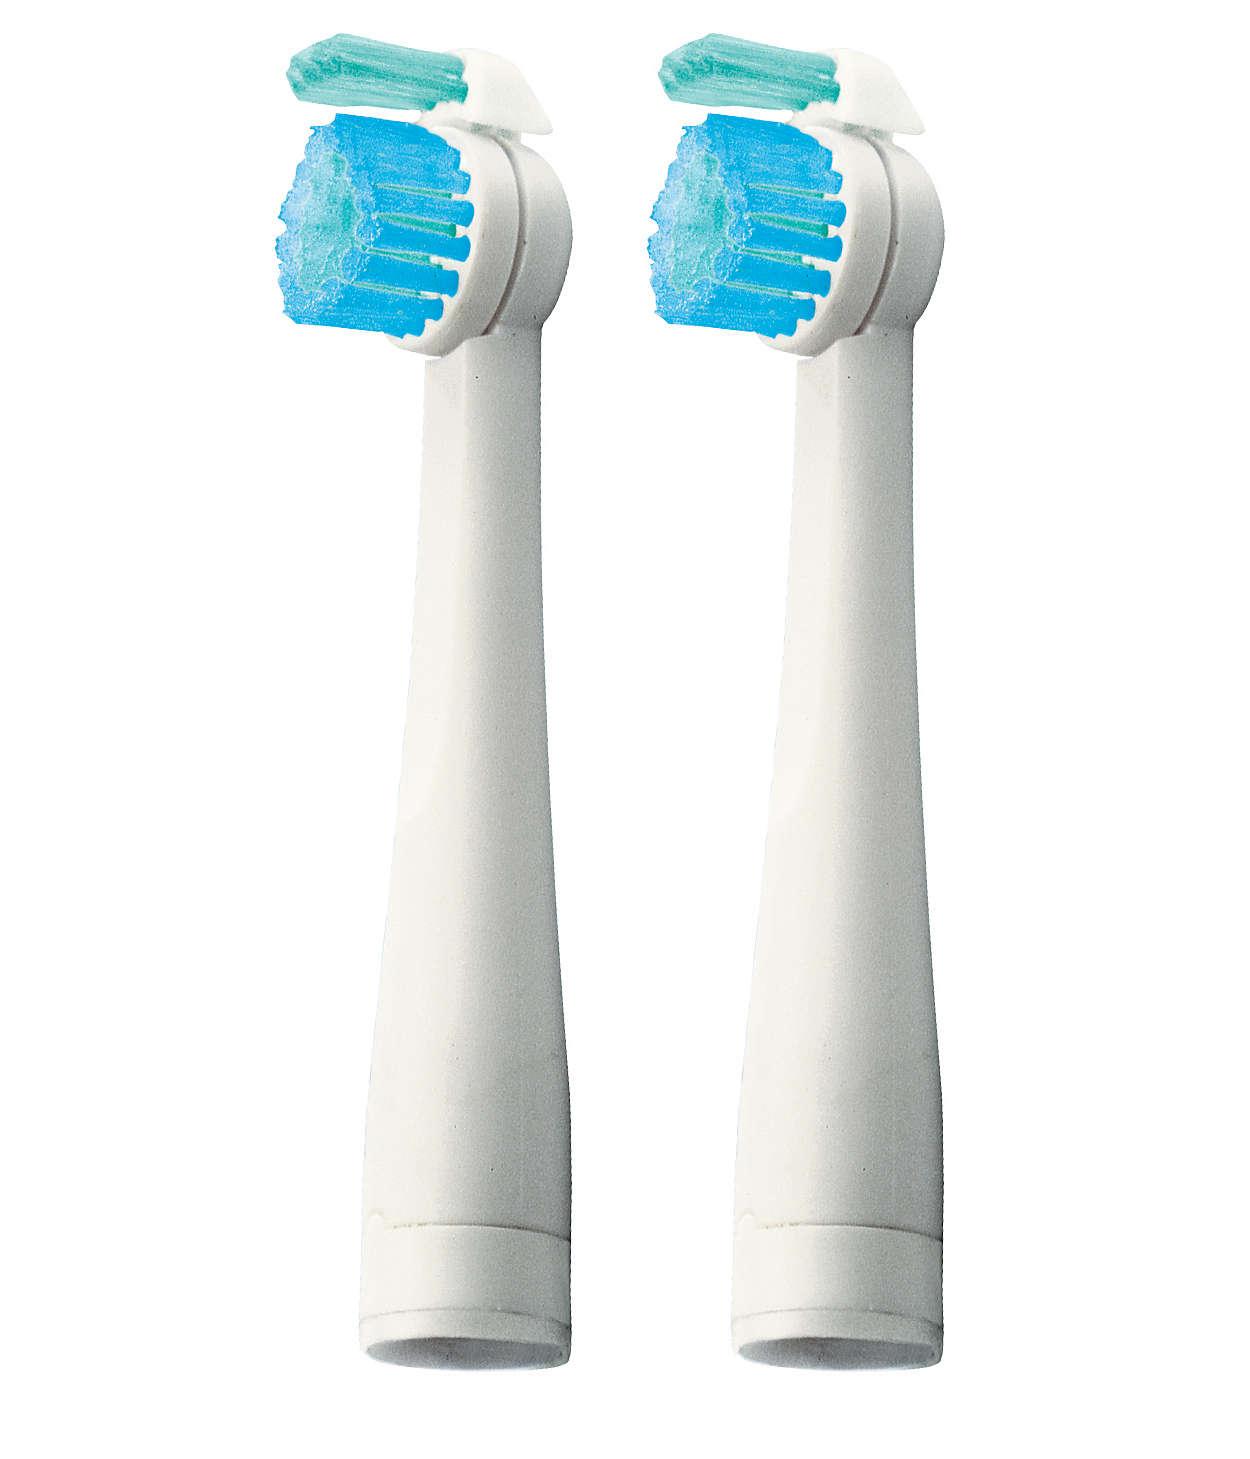 Têtes de brosse Sensiflex de rechange